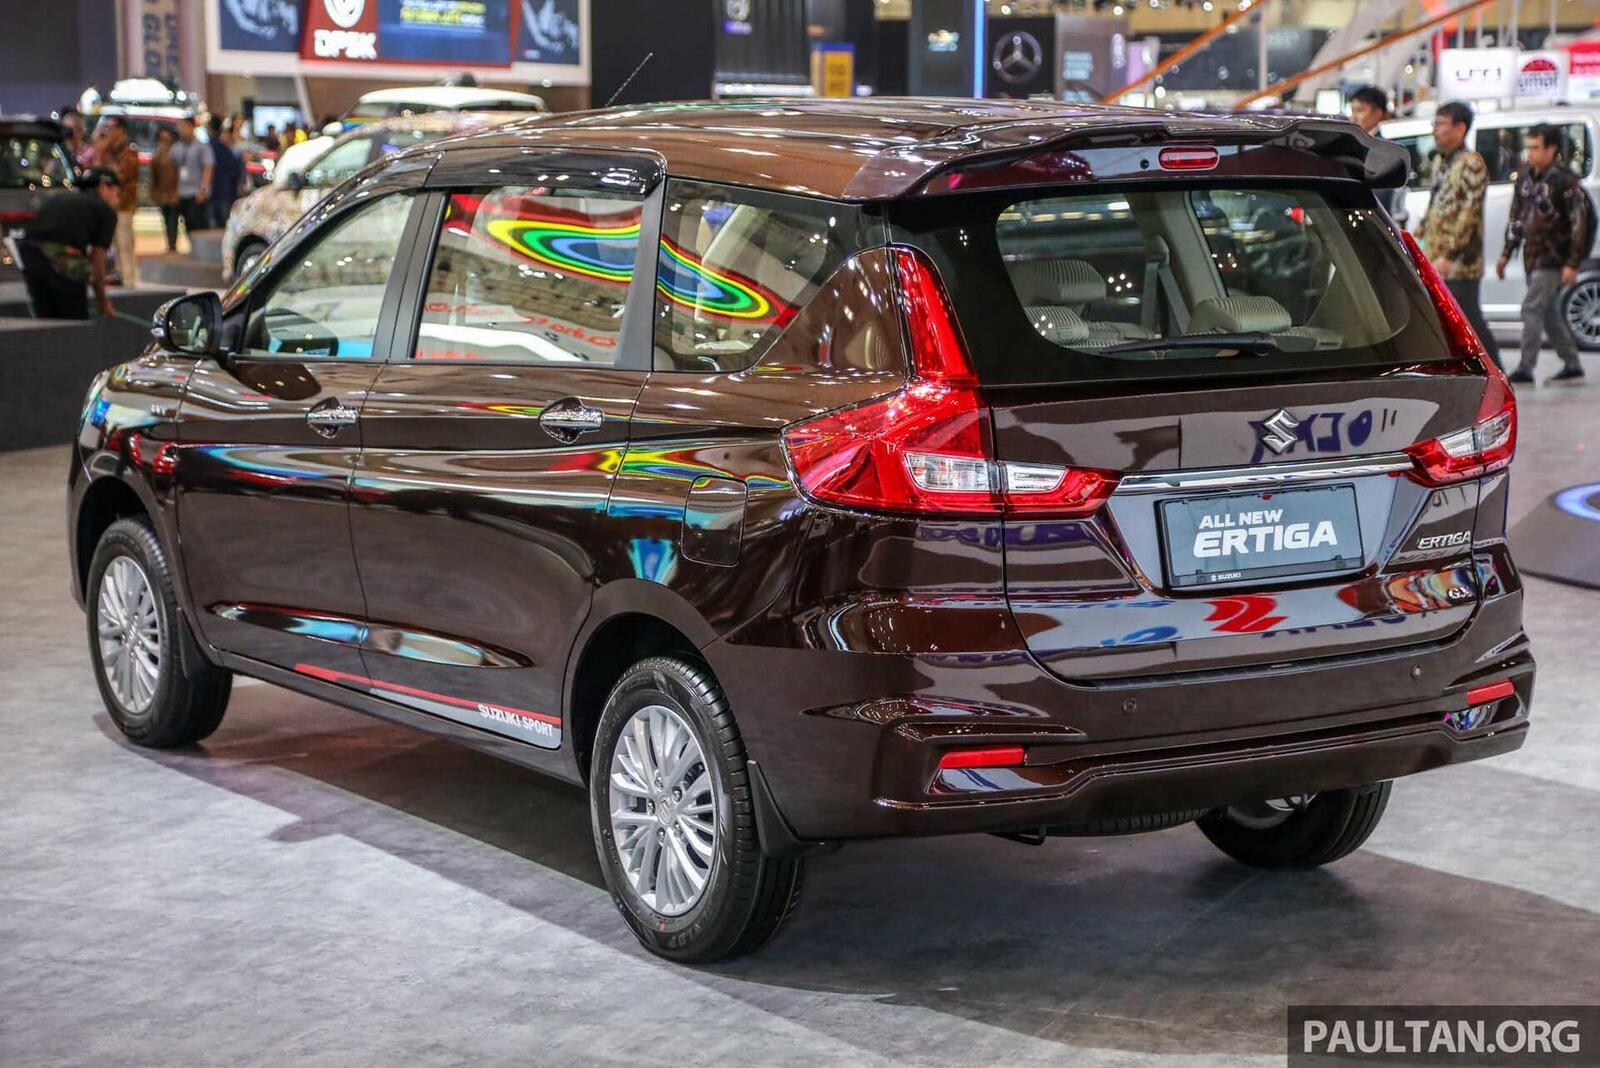 Suzuki Ertiga thế hệ mới có giá từ 486 triệu đồng tại Thái Lan; chưa hẹn ngày về Việt Nam - Hình 4